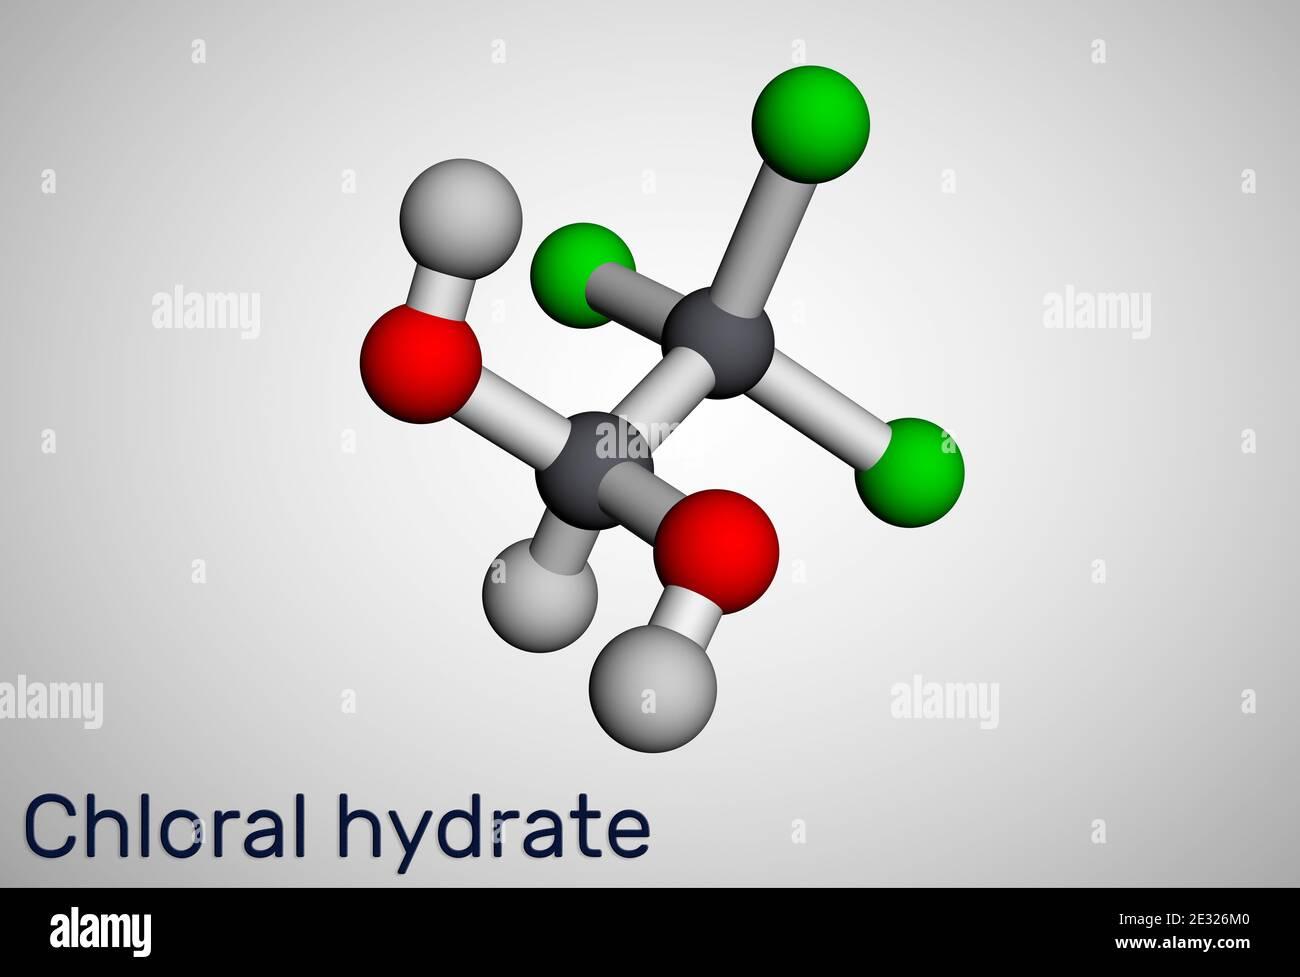 Hydrate de chloral. Diol géminal, molécule anesthésique. Monohydrate synthétique de choral, hypnotique et sédatif, anticonvulsif. Modèle moléculaire. 3 Banque D'Images